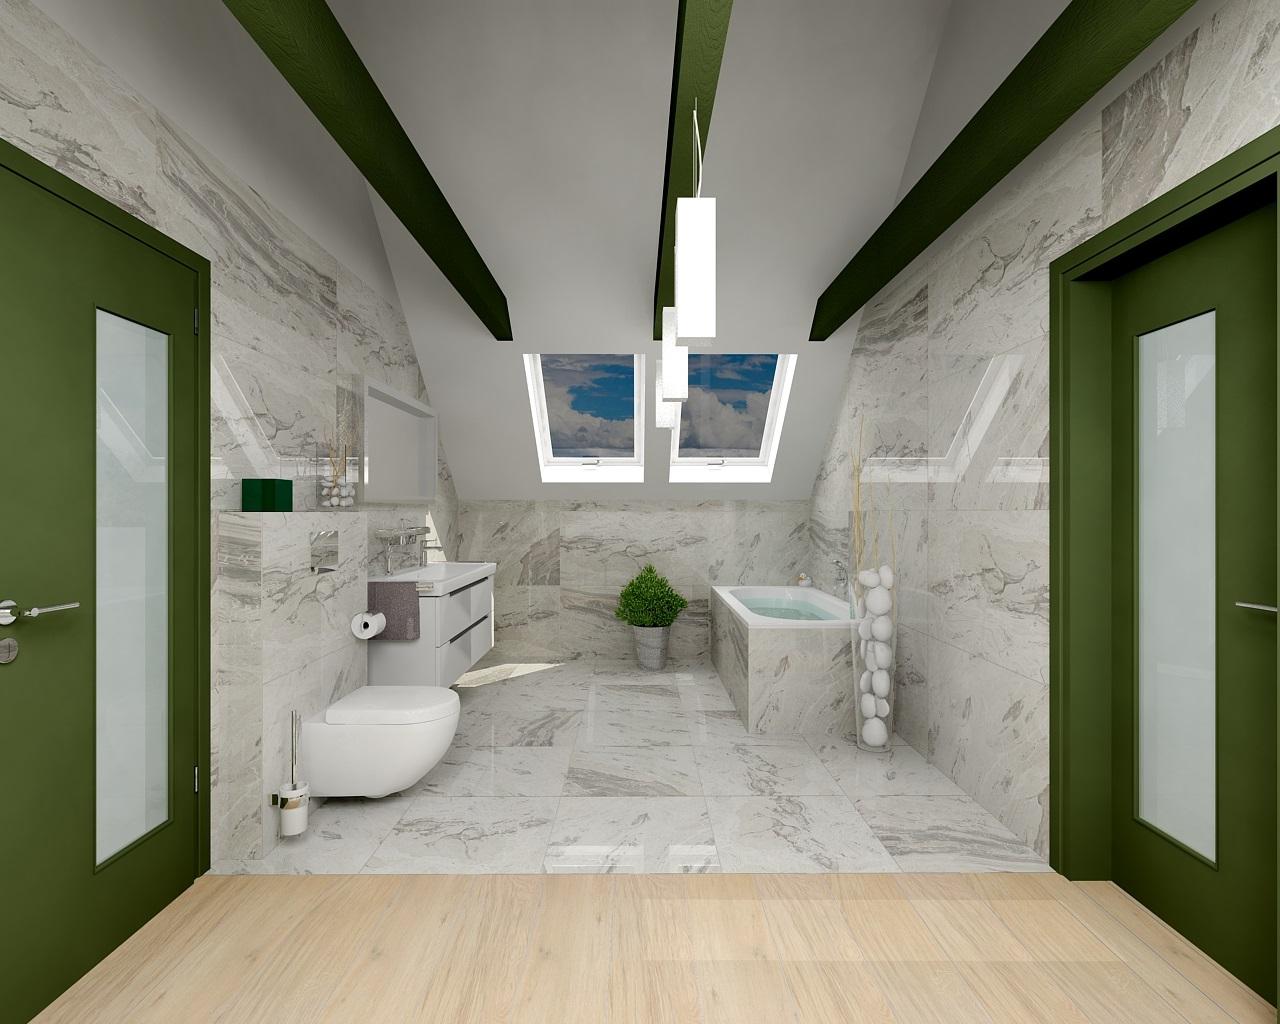 Salle d'eau sous combles en vert et gris clair.